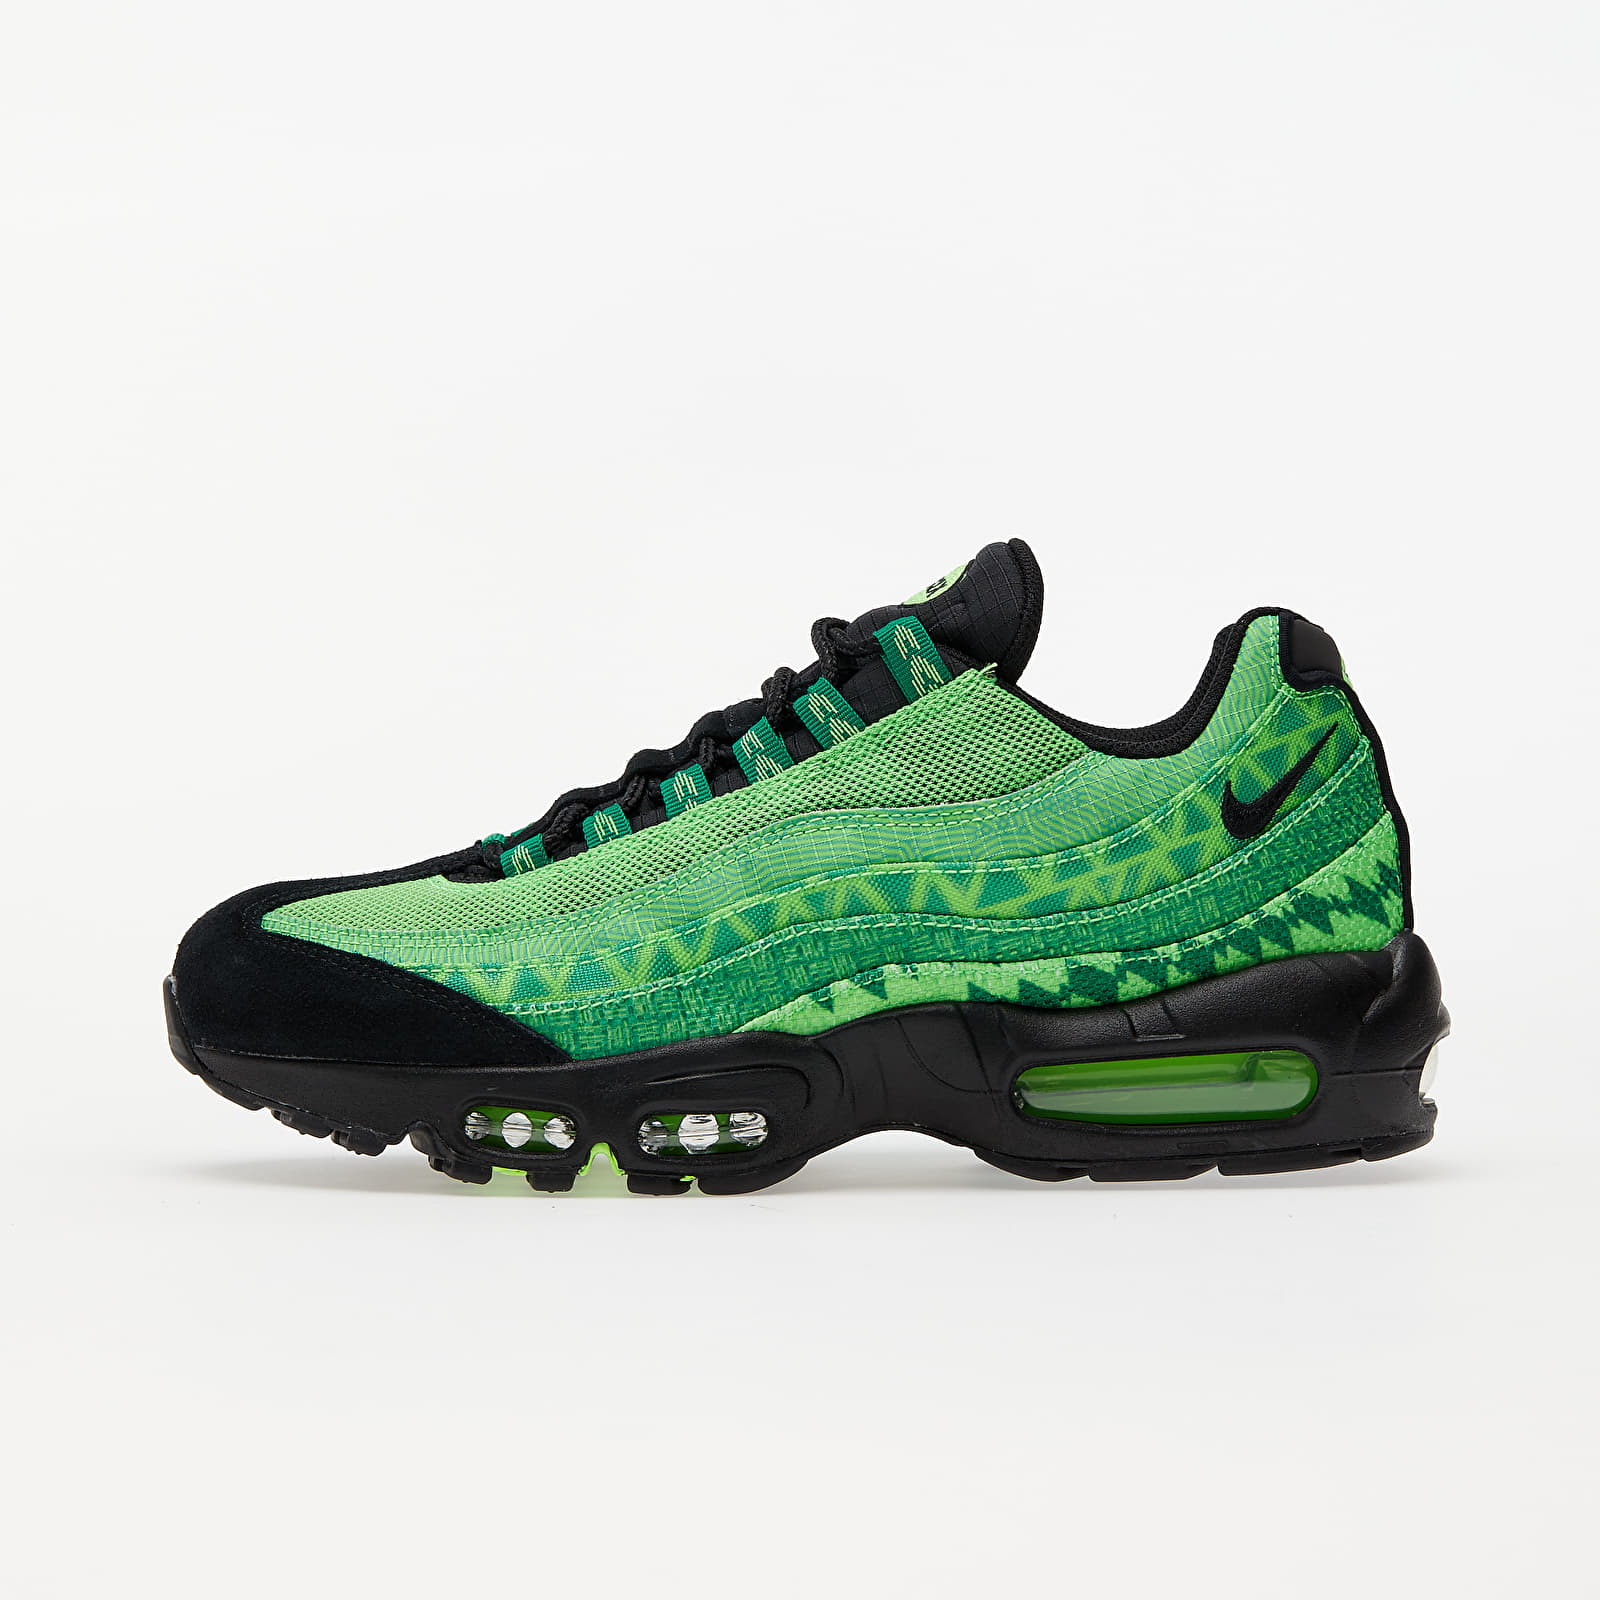 Nike Air Max 95 Ctry Pine Green/ Black-Sub Lime-White   Footshop